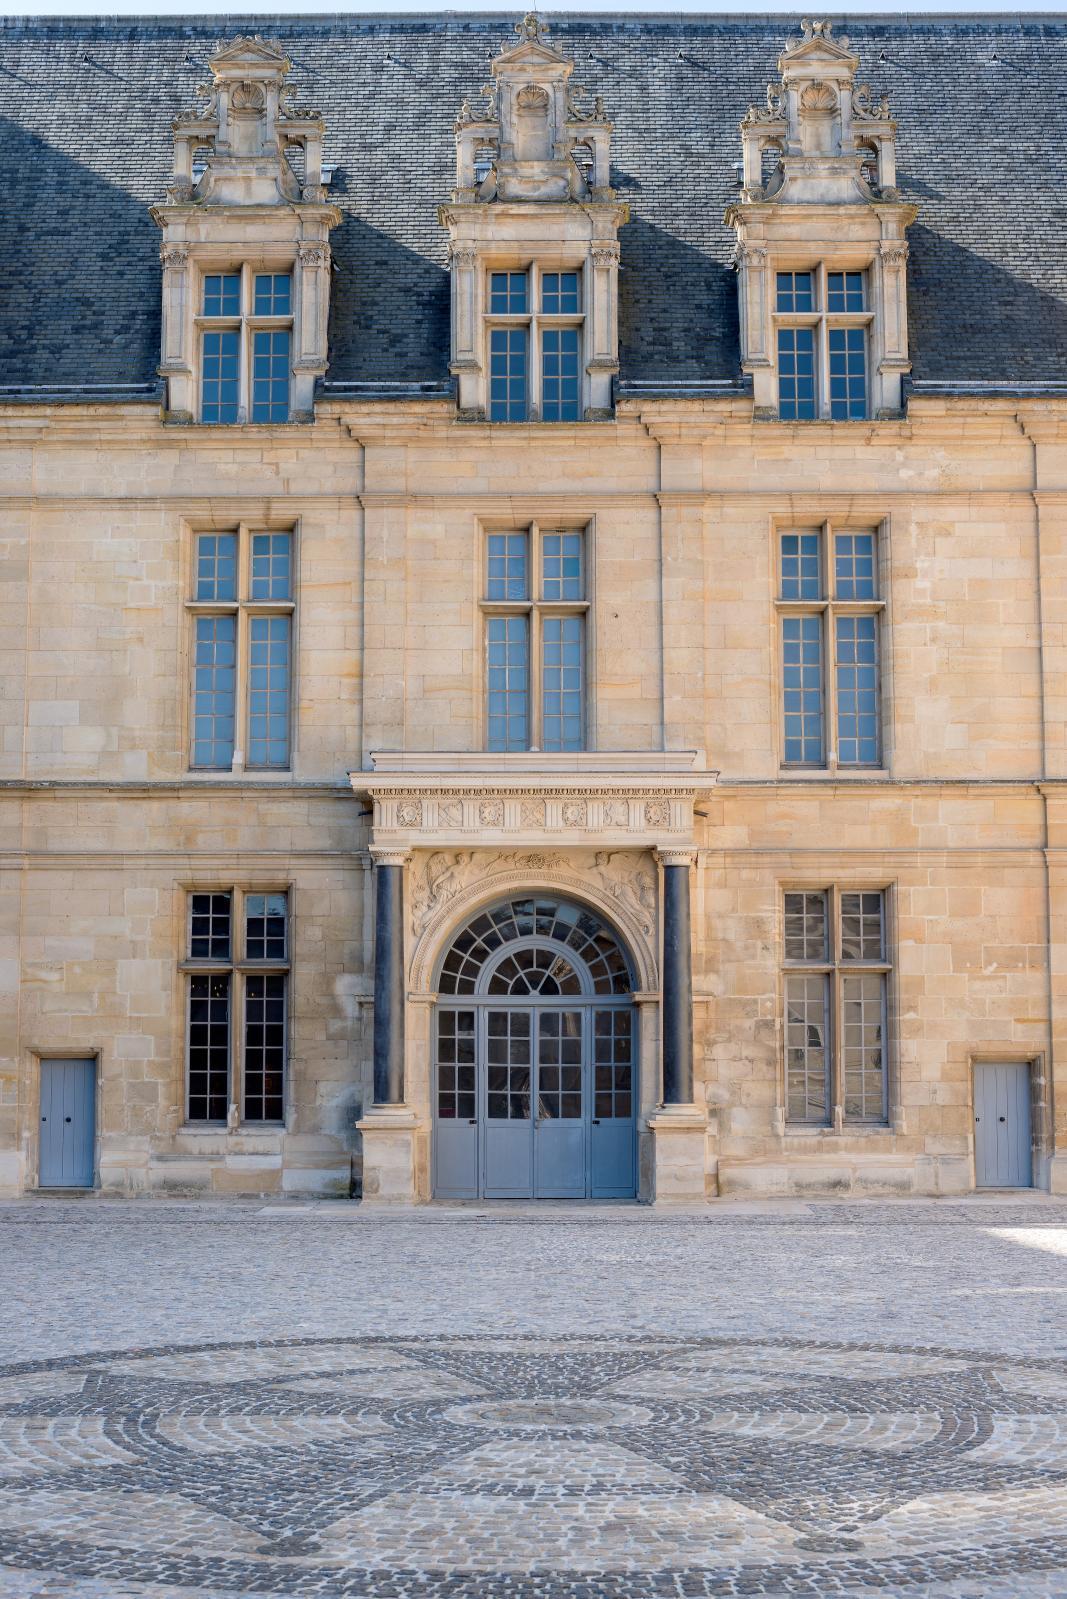 Cour intérieure du château d'Écouen. ©Musée de la Renaissance, château d'Écouen-Guillaume Fonkenell